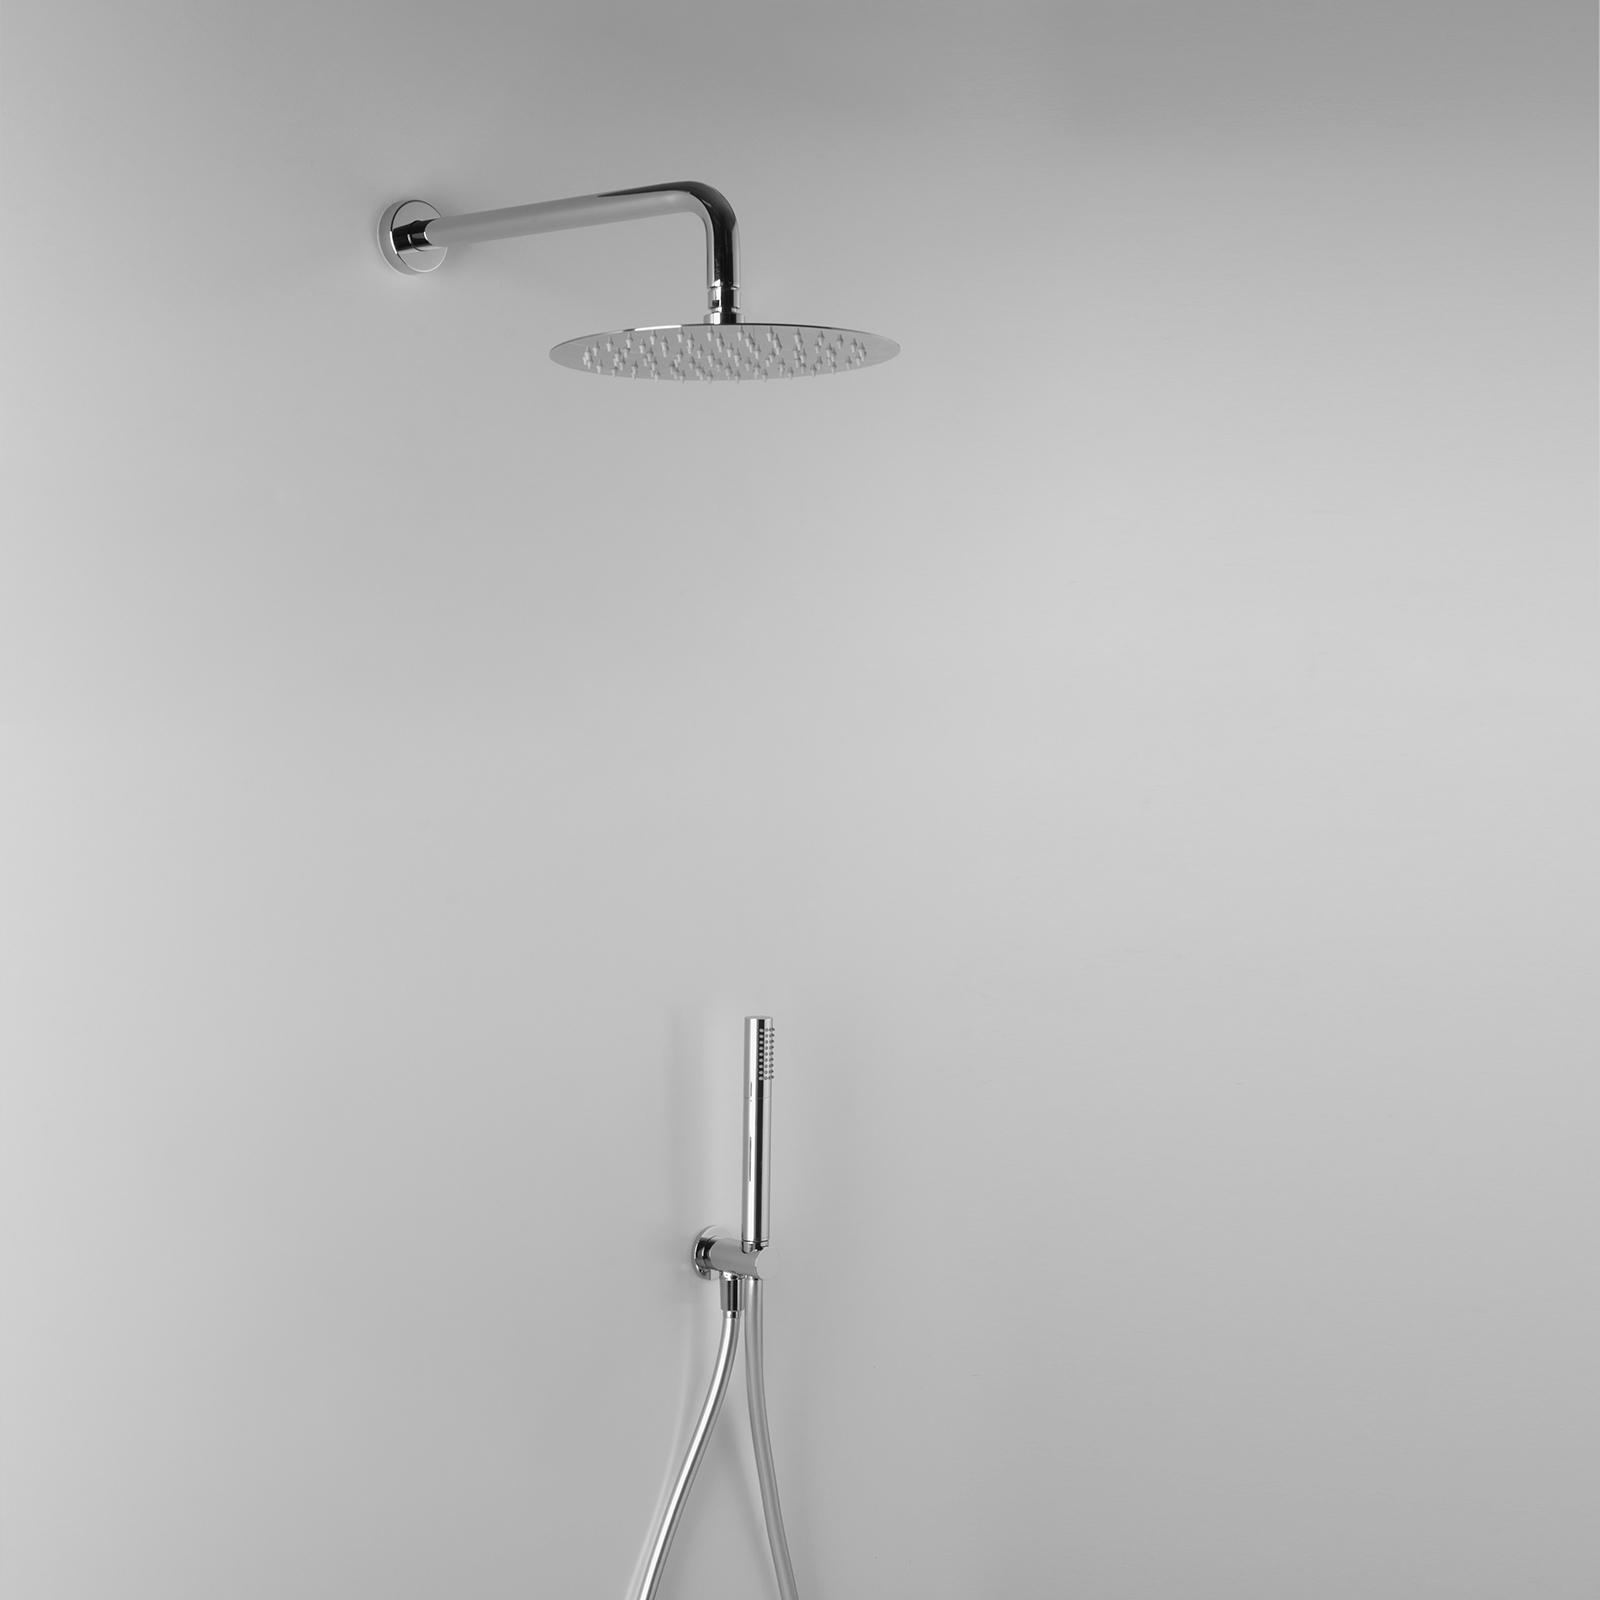 Set doccia tondo Ares con soffione diametro 20 mm, braccio doccia e kit duplex